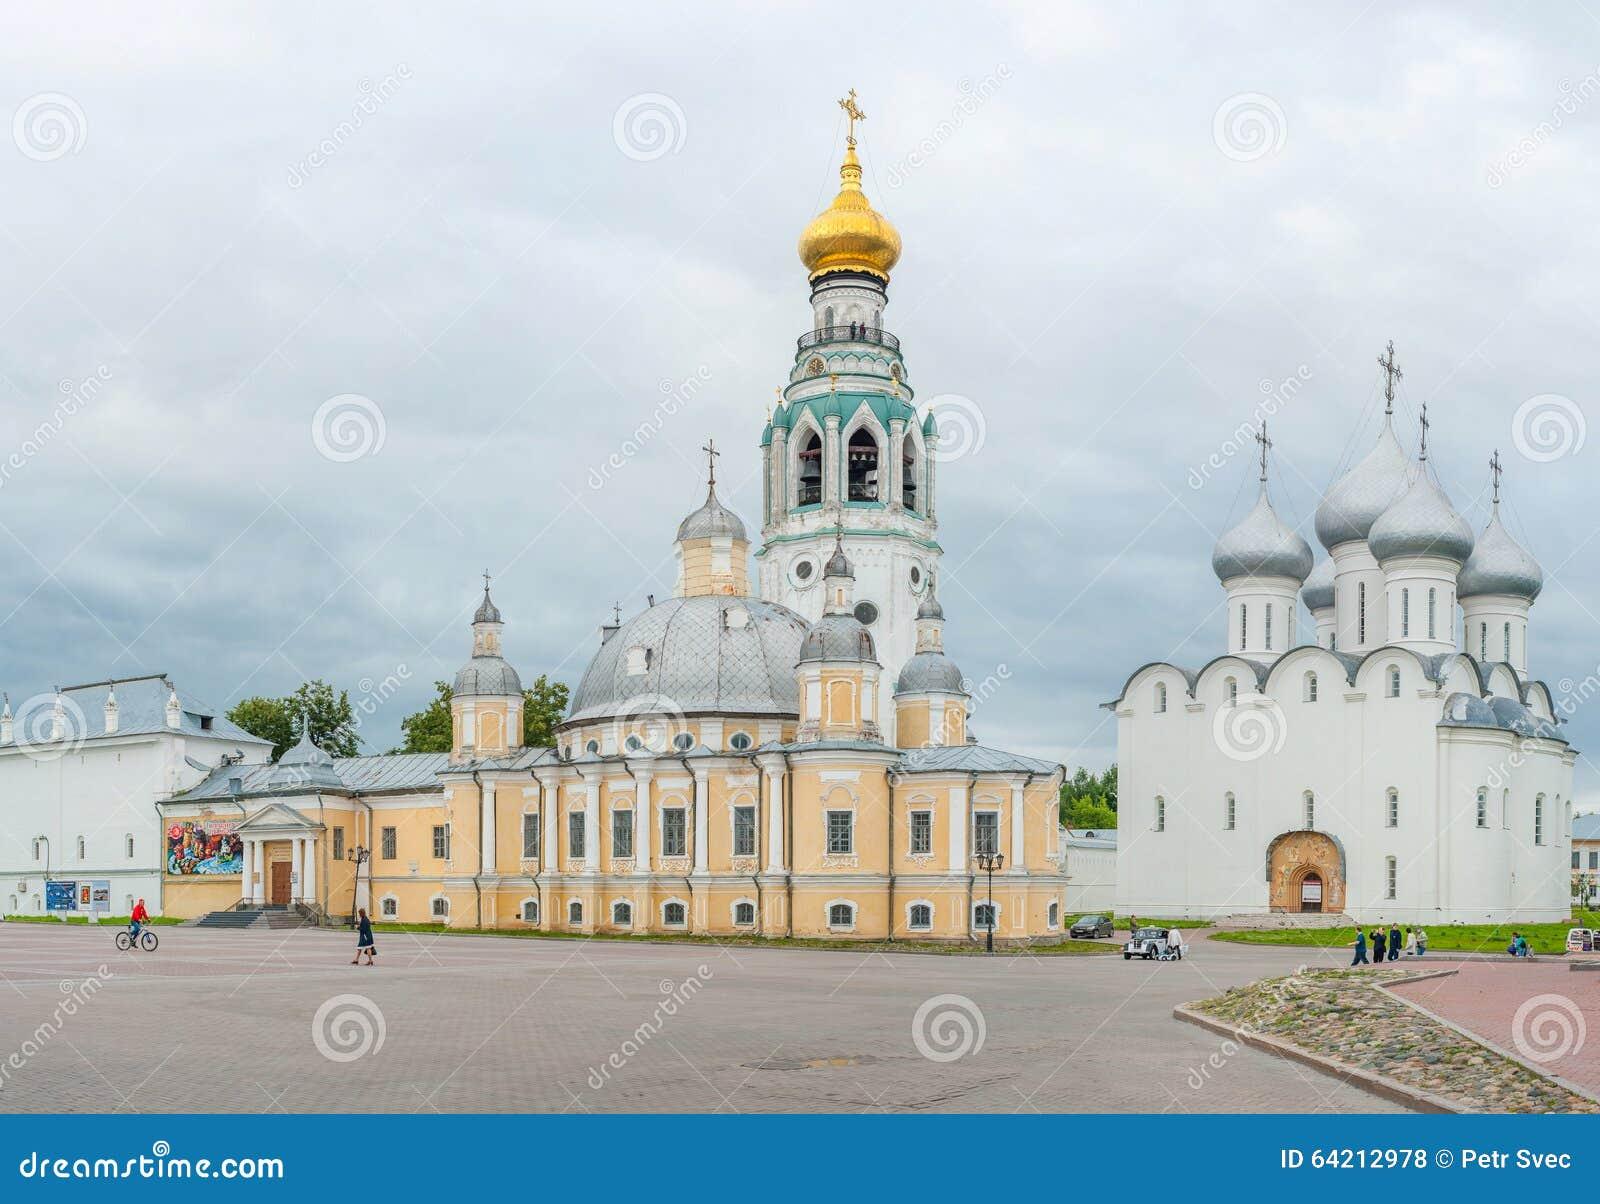 Vologodskiy Voskresenskiy Sobor